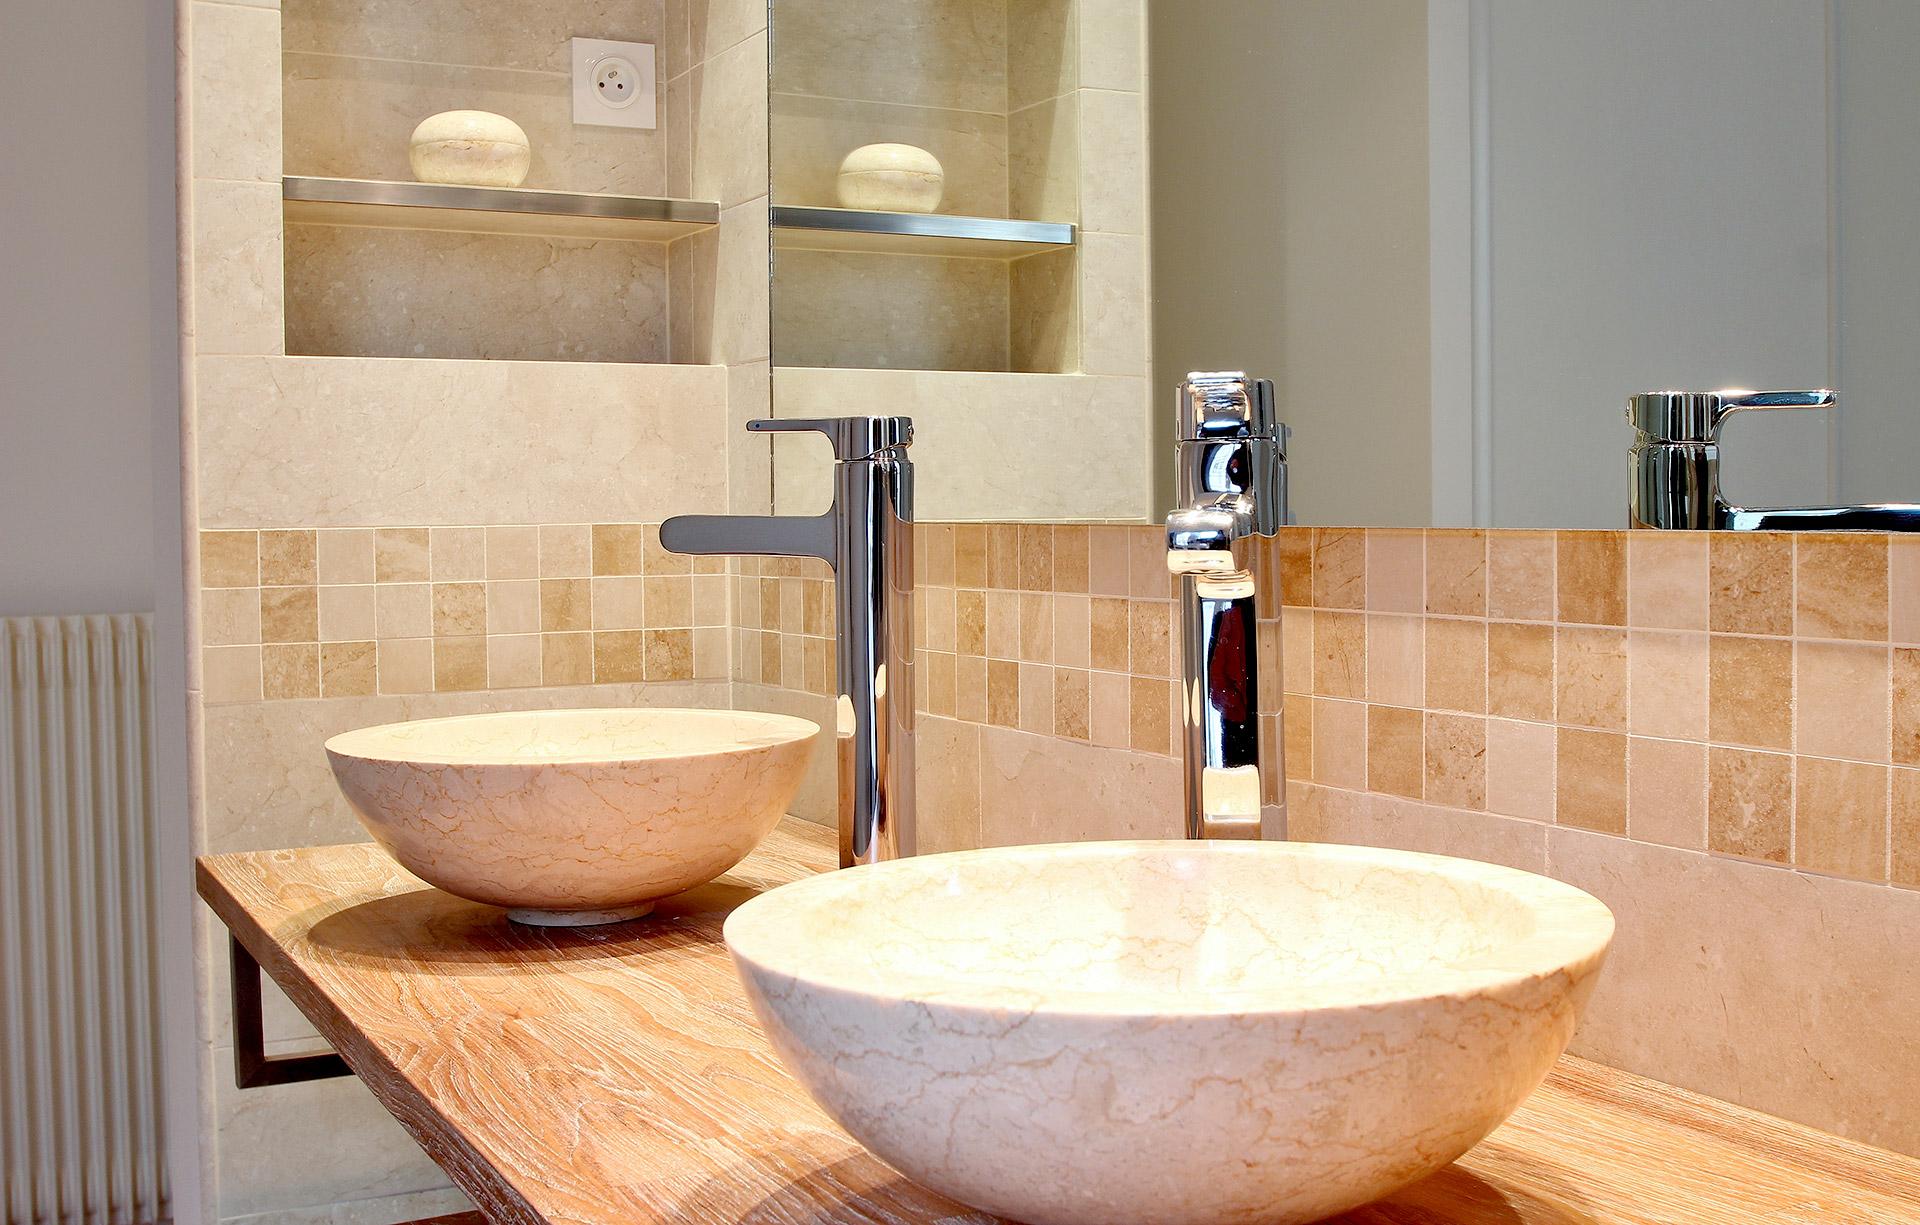 salle de bain ouverte sur jardin solutions pour la d coration int rieure de votre maison. Black Bedroom Furniture Sets. Home Design Ideas